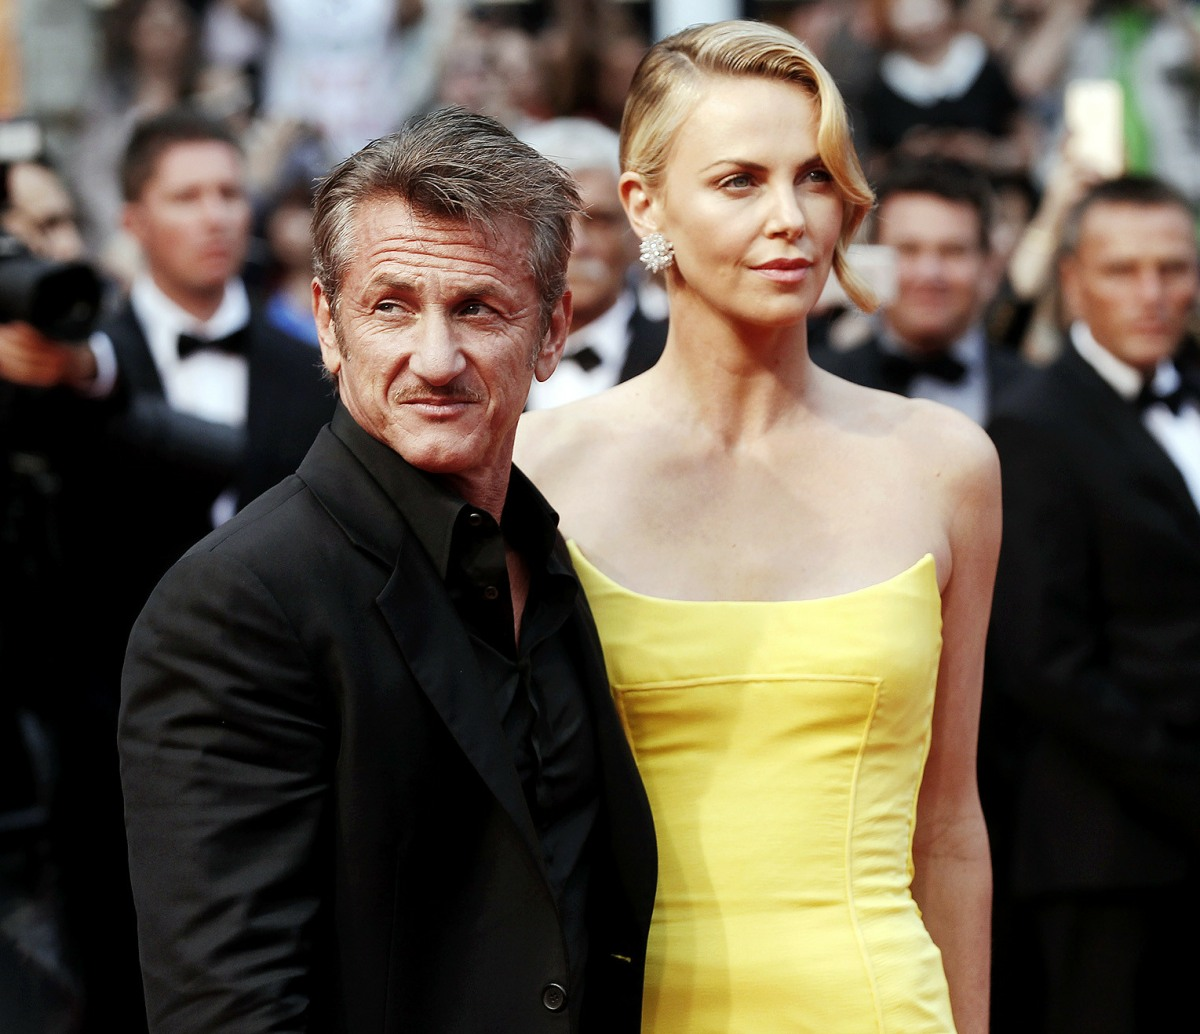 68th Annual Cannes Film Festival - 'Mad Max: Fury Road' - Premiere